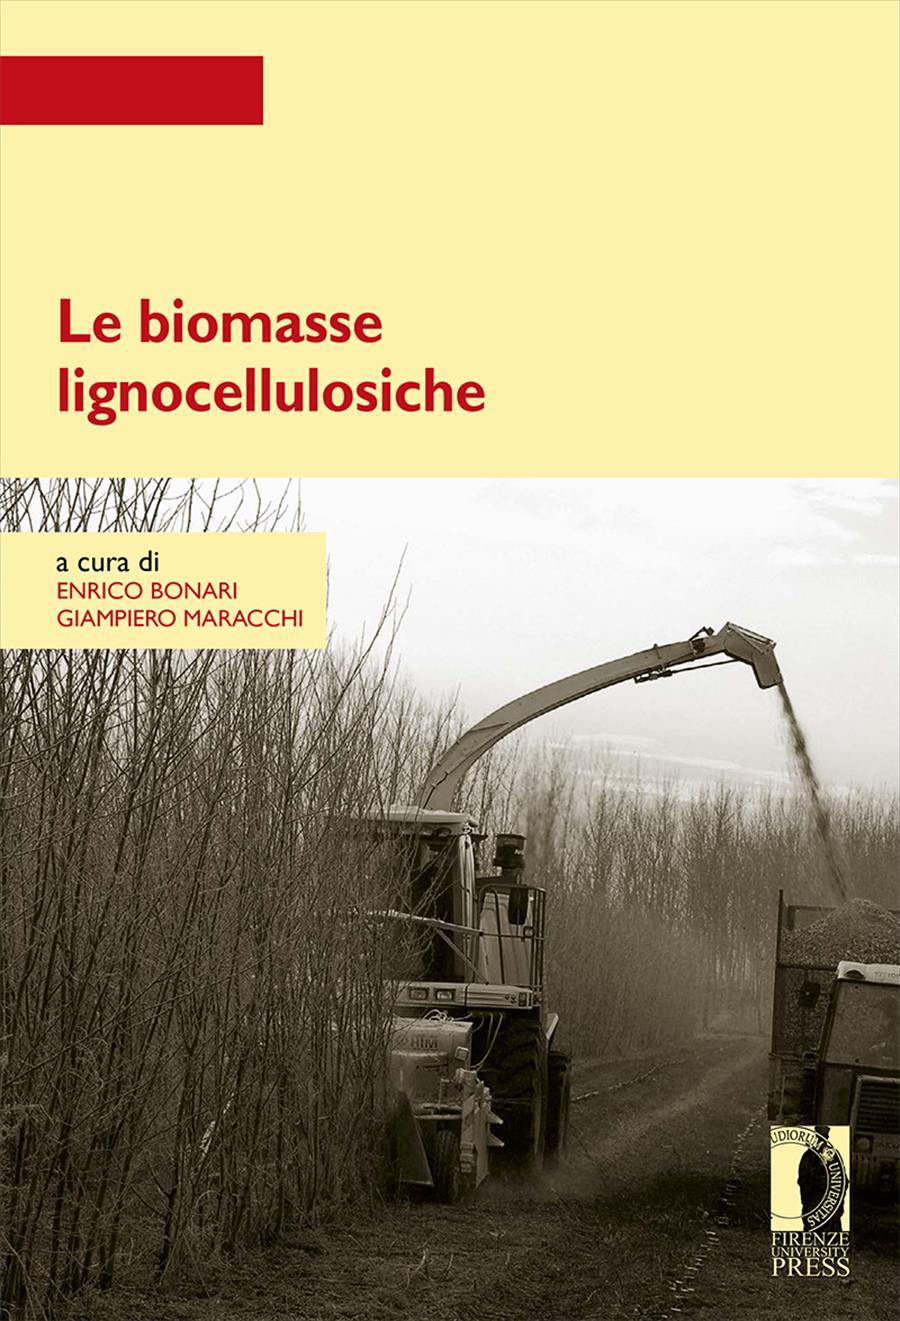 Le biomasse lignocellulosiche